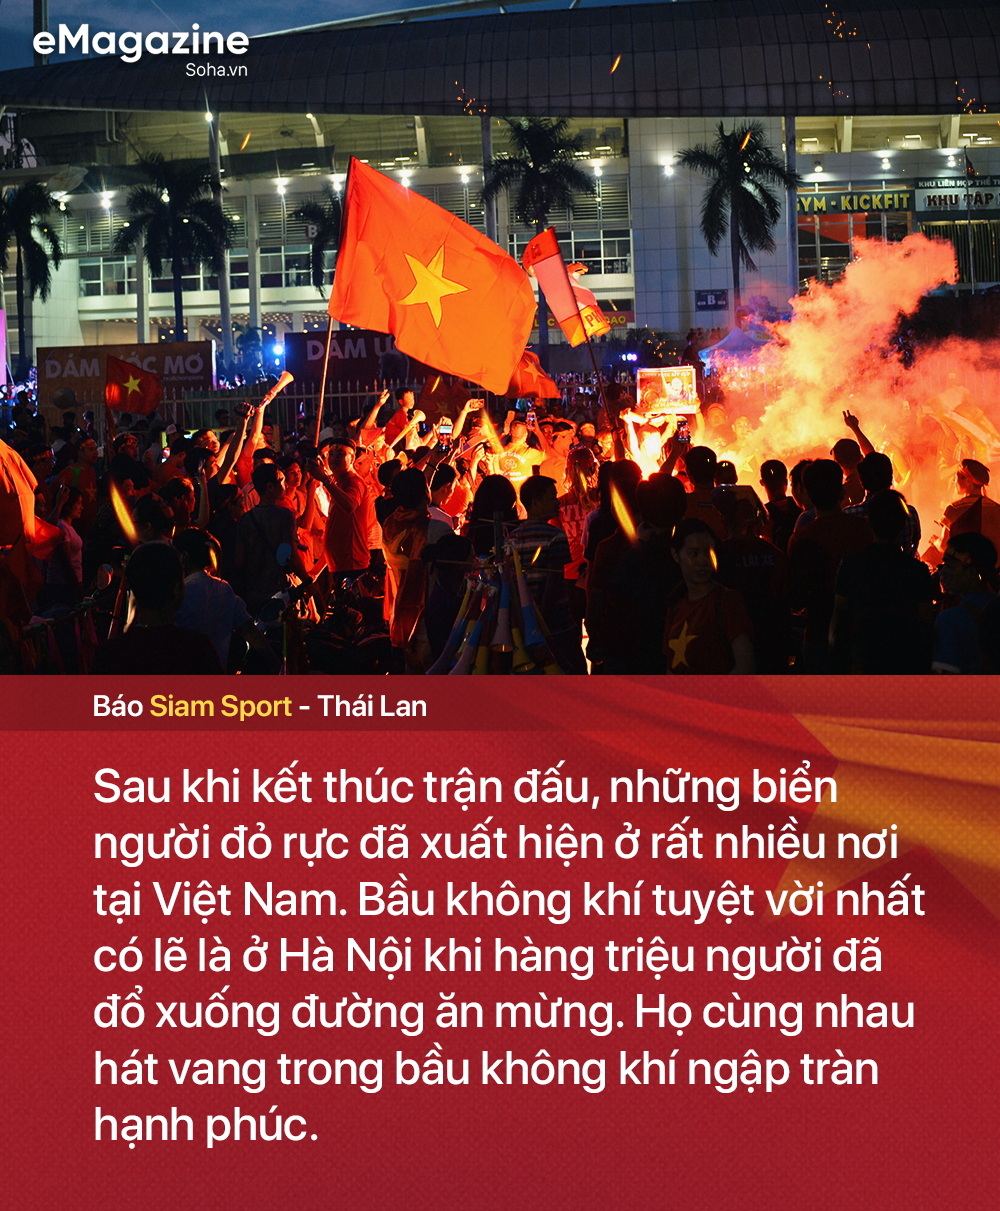 Trong kỳ tích của bóng đá Việt Nam, có một tình yêu xuyên bão giông thắp lên niềm tin bất diệt - Ảnh 6.